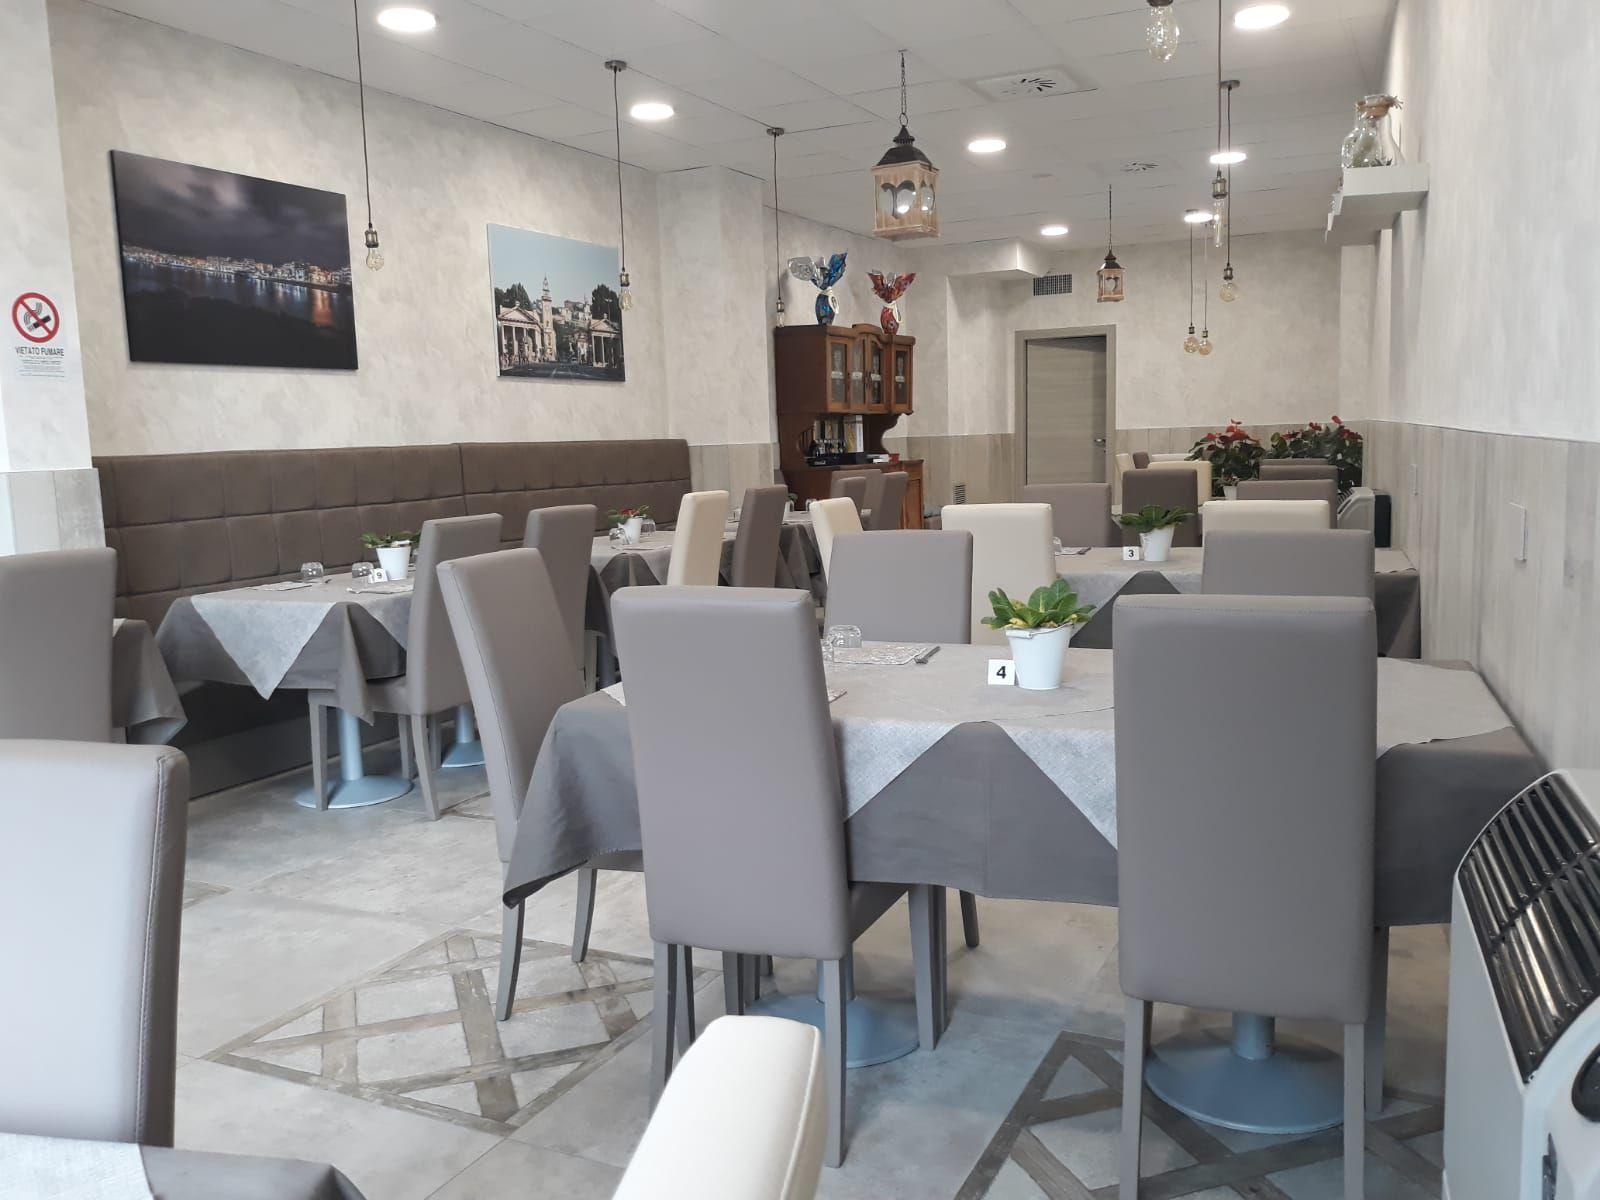 FABBRICA SEDIE E TAVOLI PER RISTORANTE | Idee per decorare ...